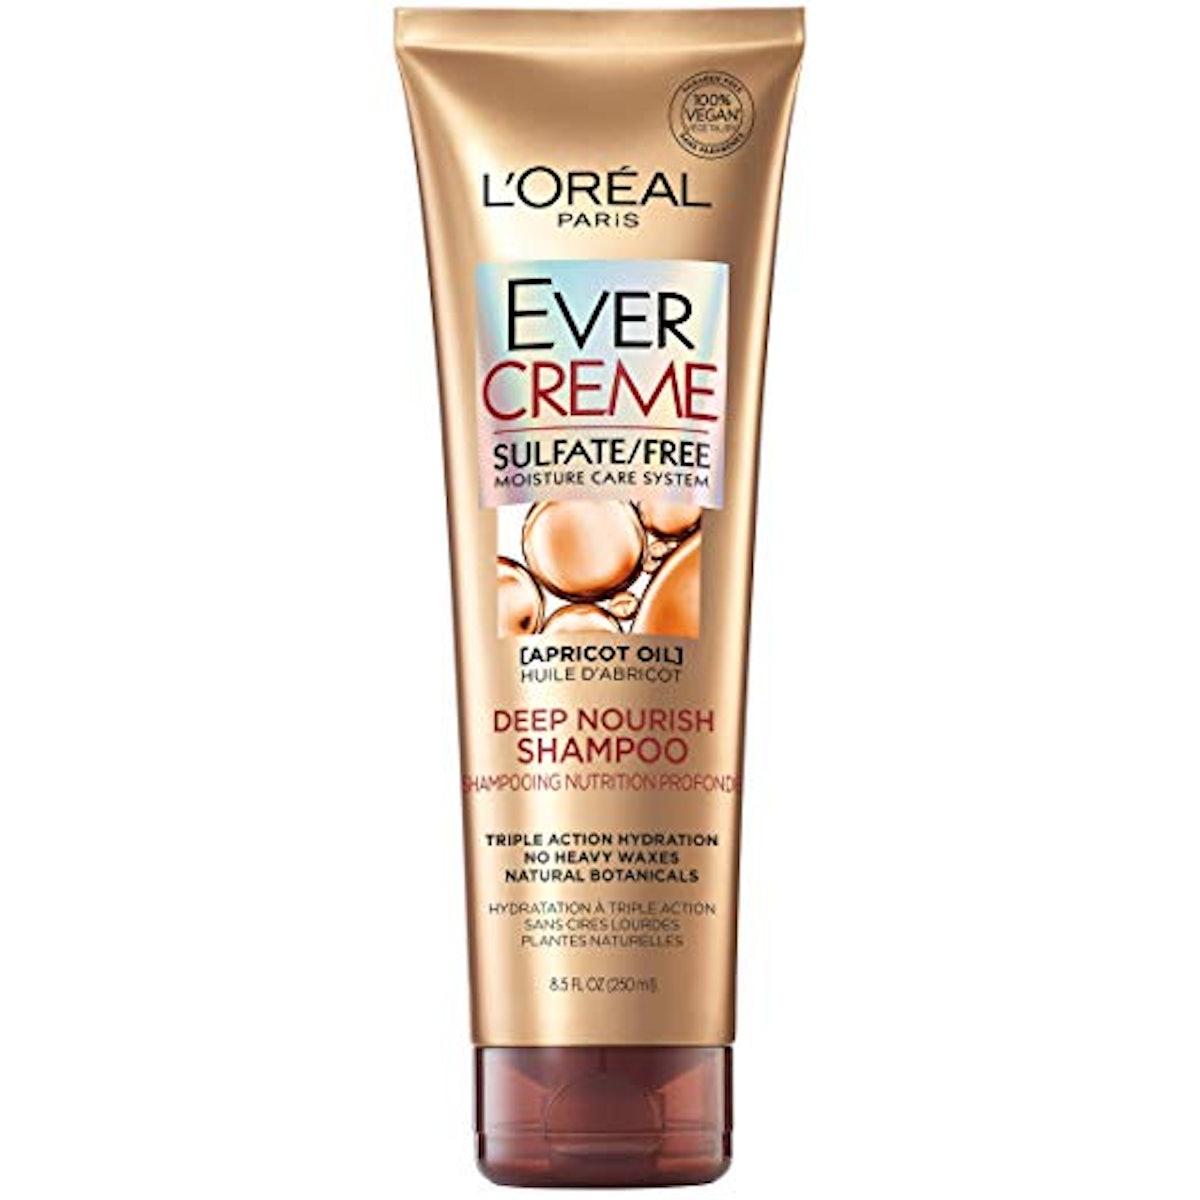 L'Oréal Paris EverCreme Deep Nourish Shampoo